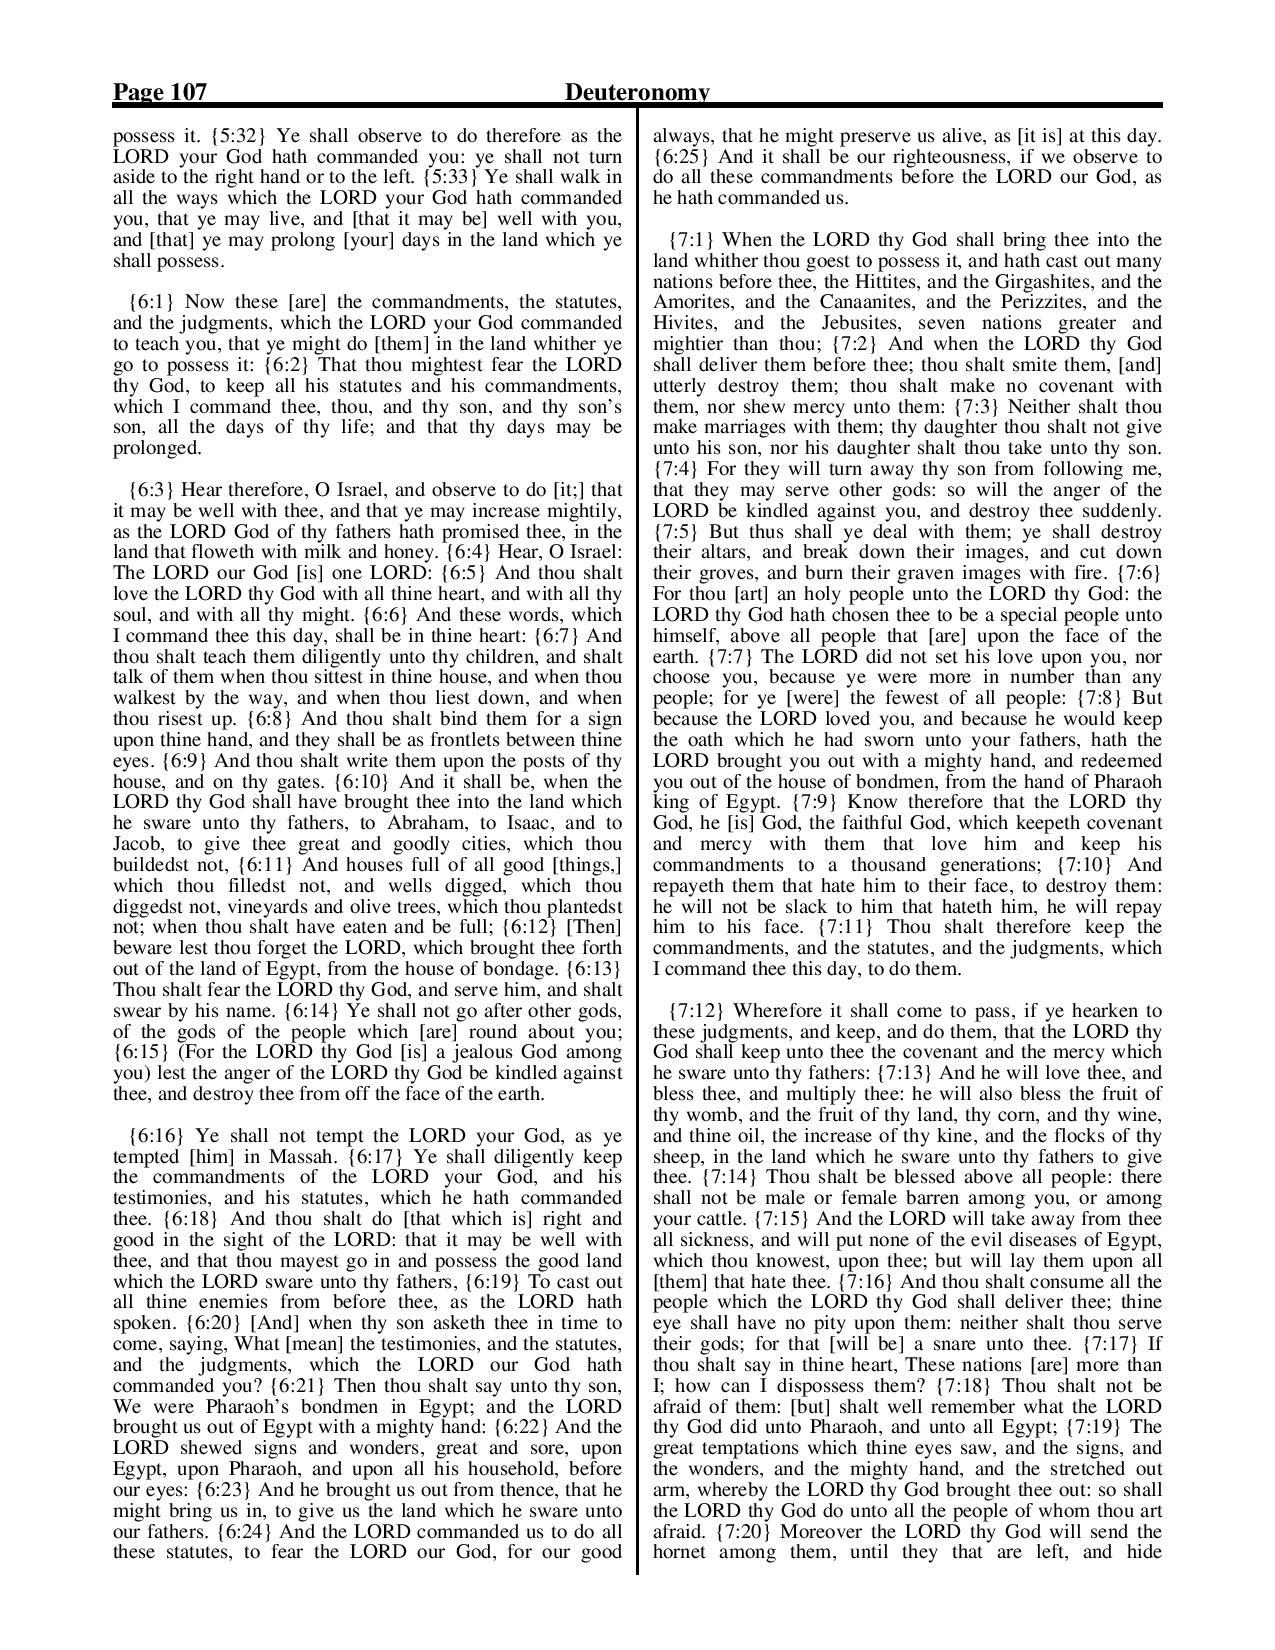 King-James-Bible-KJV-Bible-PDF-page-128